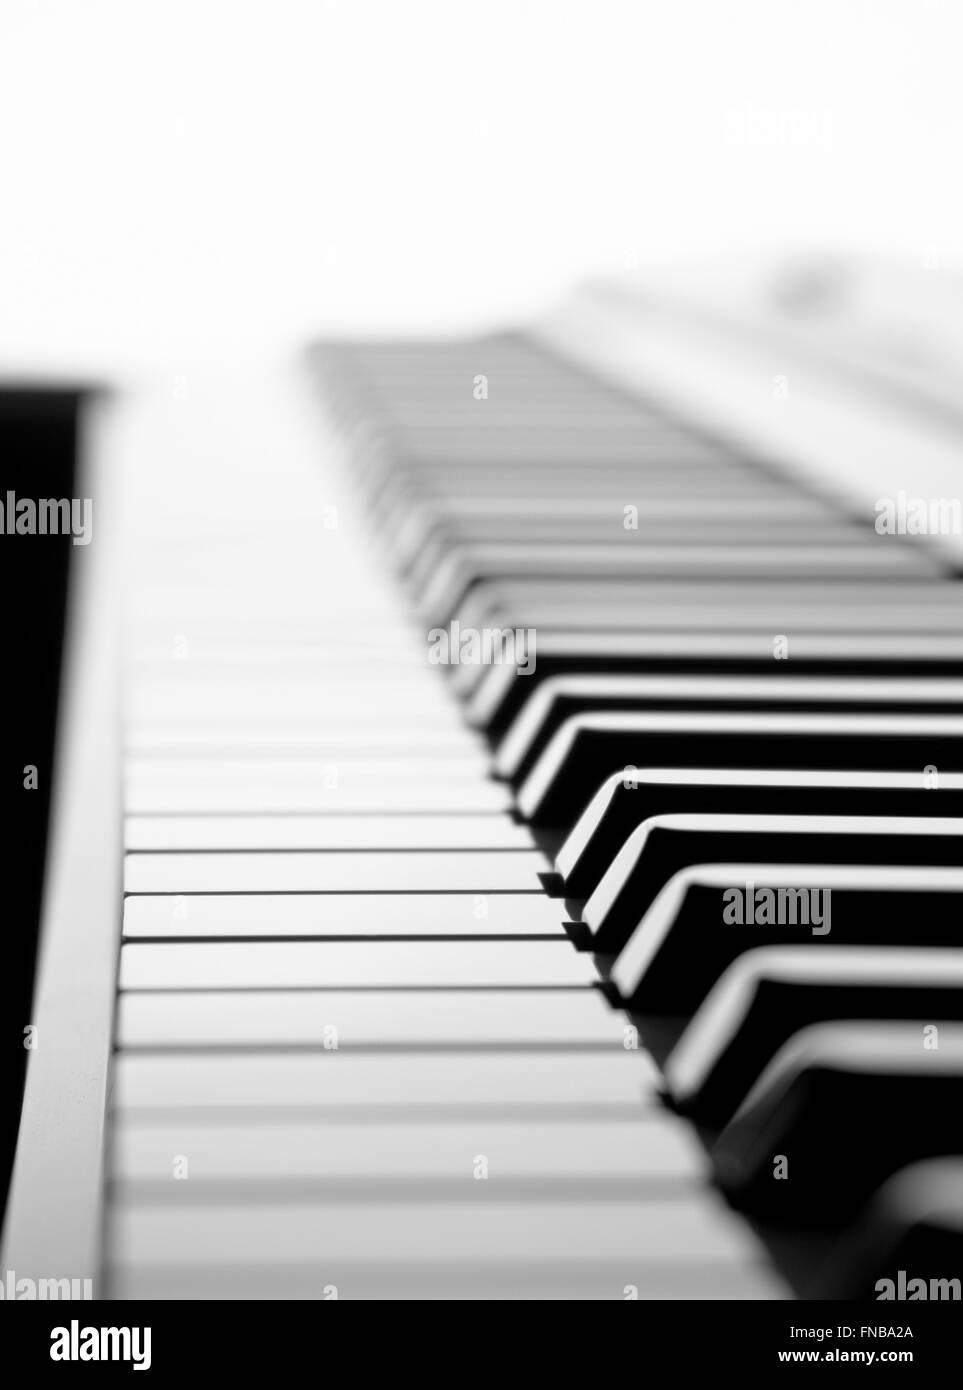 https www alamyimages fr photo image le noir et blanc selective focus clavier de piano tourne d un angle faible et d un retro eclairage par un fond blanc 99208994 html